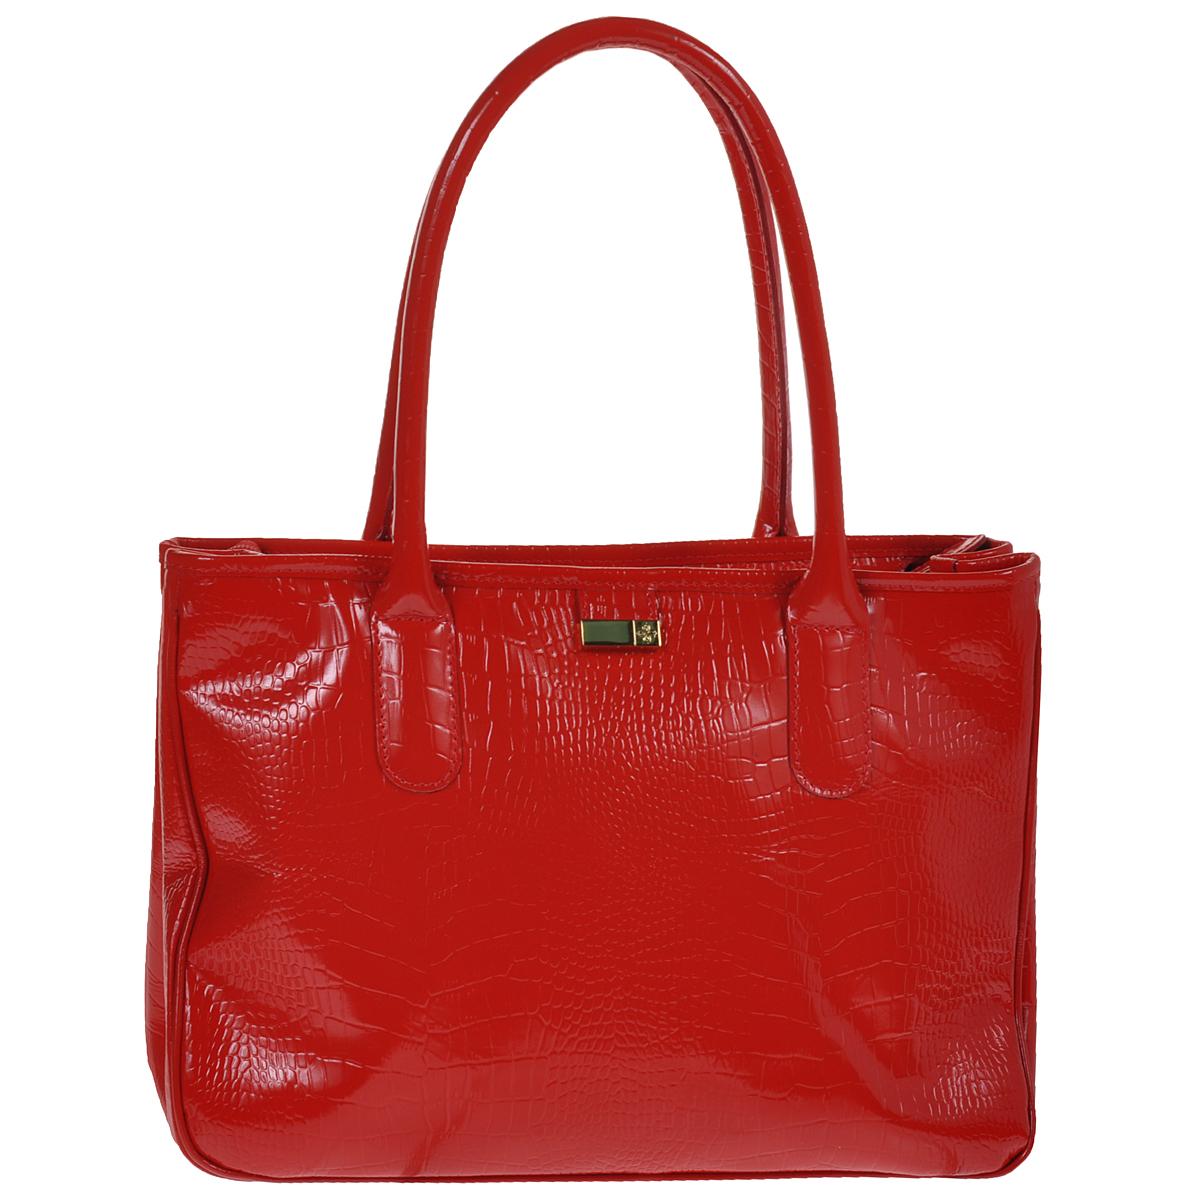 Сумка женская Dimanche Кристи, цвет: красный. 443/4443/4Стильная женская сумка Dimanche Кристи выполнена из натуральной высококачественной кожи. Сумка имеет одно отделение, разделенное средником на молнии, и закрывается на застежку-молнию. Внутри - два накладных кармашка и карман на молнии. На задней стенке имеется дополнительный карман на молнии. По бокам сумка имеет кнопки, которые позволяют изменять ее форму. Сумка оснащена двумя удобными ручками. Фурнитура - серебристого цвета. Сумка упакована в фирменный текстильный мешок. Сумка женская Dimanche Кристи подчеркнет вашу яркую индивидуальность и сделает образ завершенным.